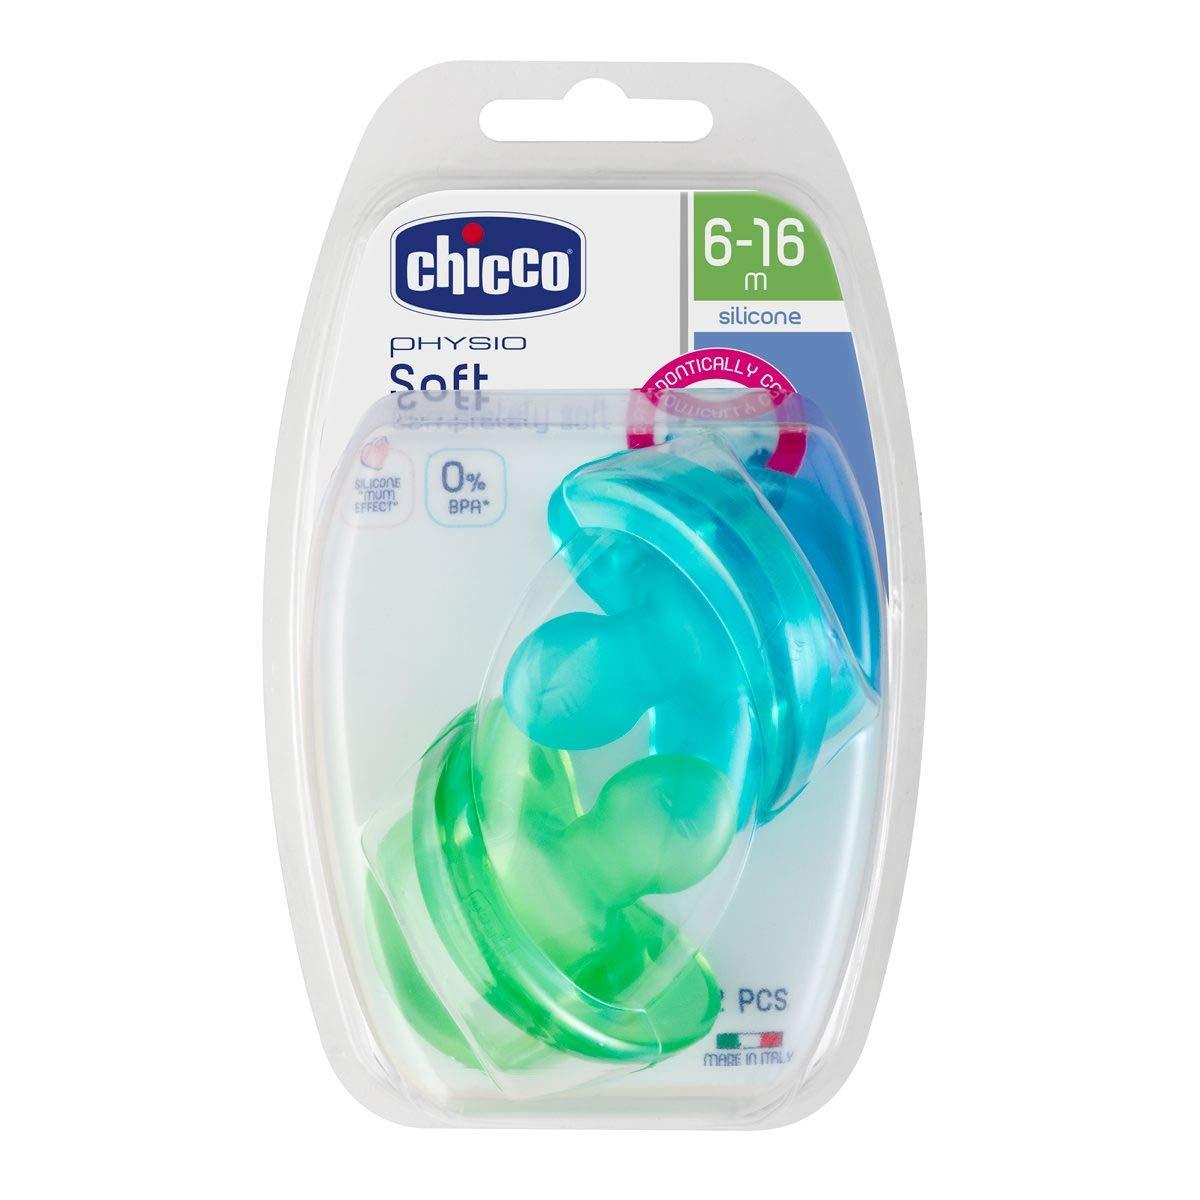 Pack de 2 chupetes todo goma de silicona 6-12m Color Rosa y Morado Chicco Physio Soft